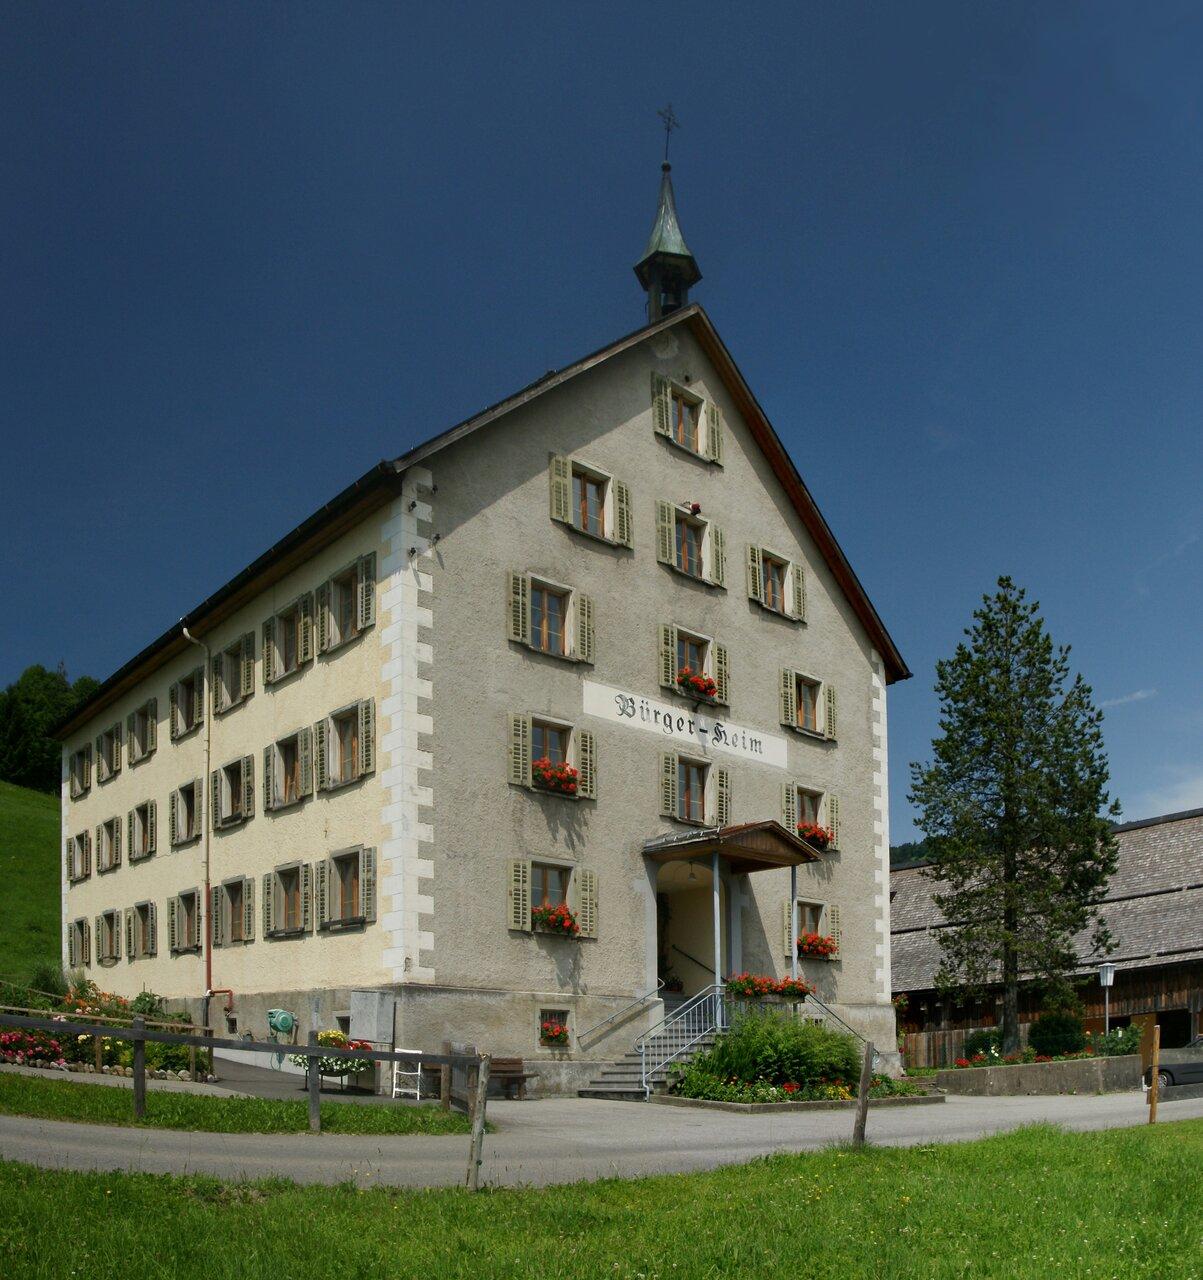 взглянуть то, брегенц австрия достопримечательности фото стиле ретро интересные